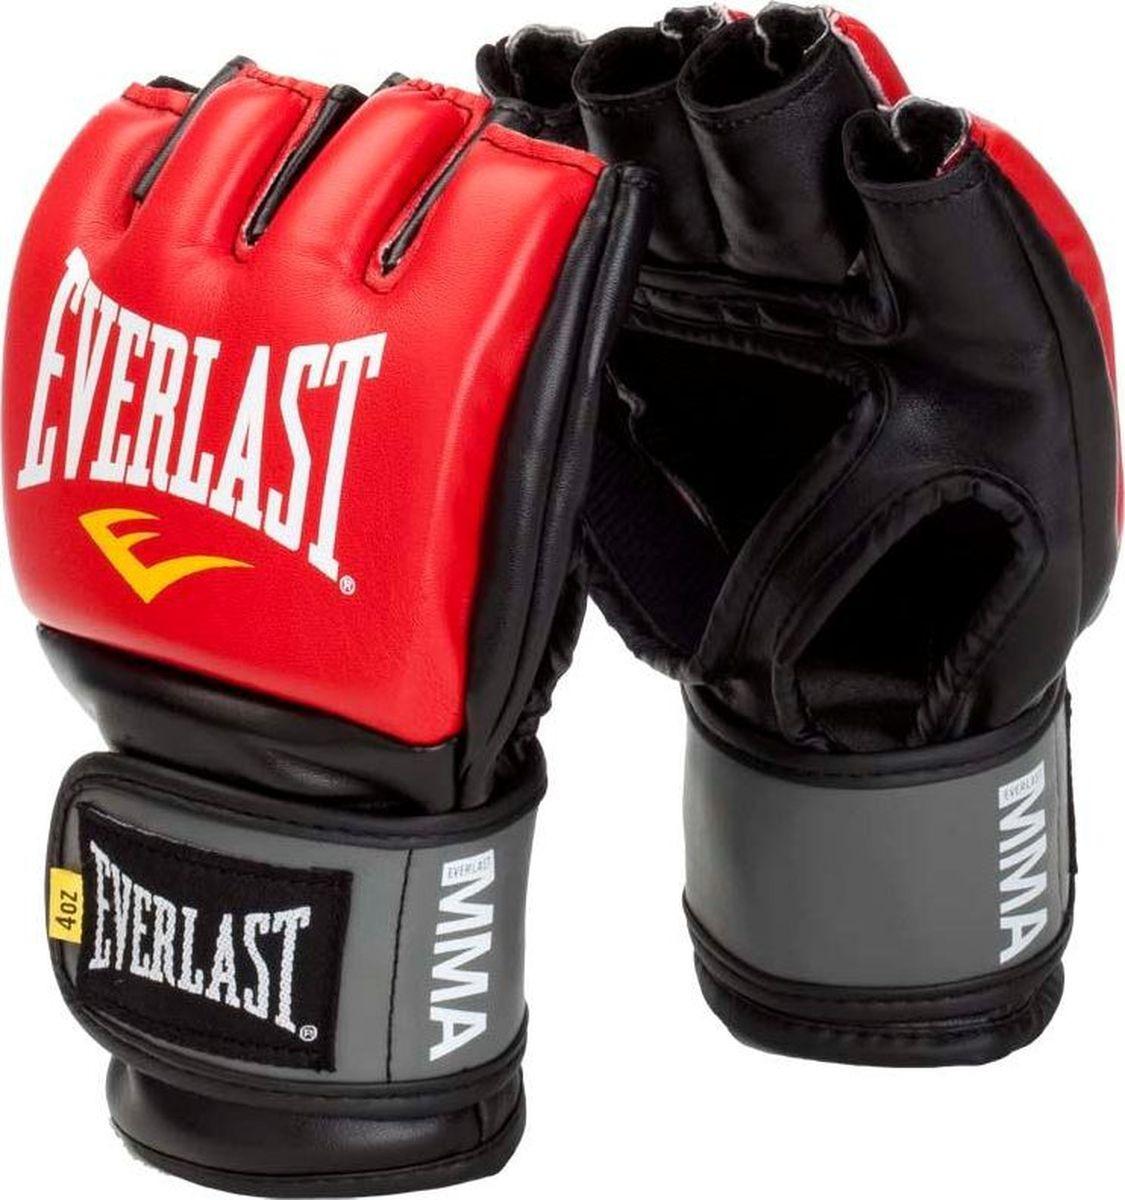 Перчатки для единоборств Everlast Pro Style Grappling, тренировочные, 7778RLXLU, красный, размер L/XL перчатки тренировочные everlast pro style elite